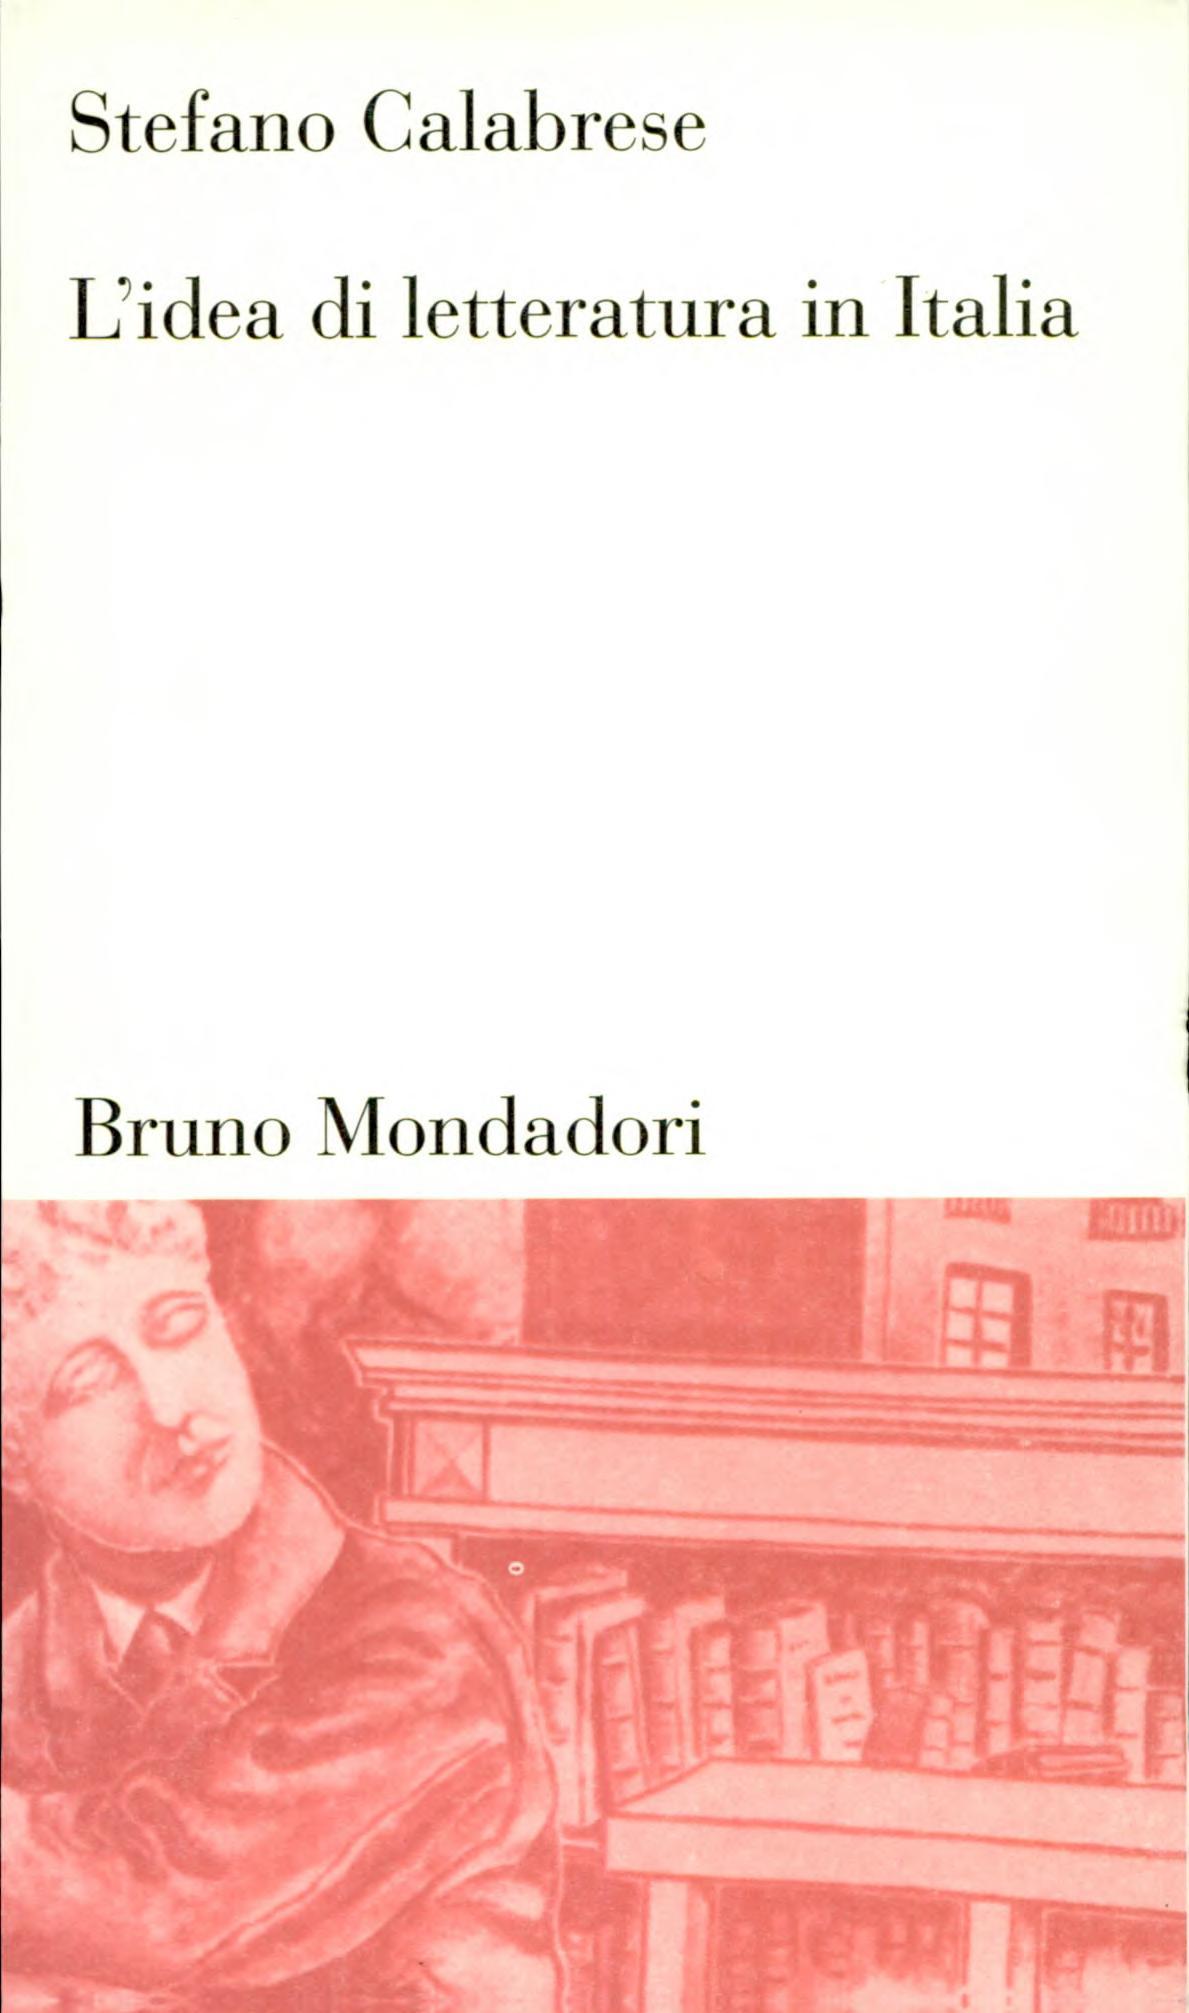 L idea di letteratura in Italia